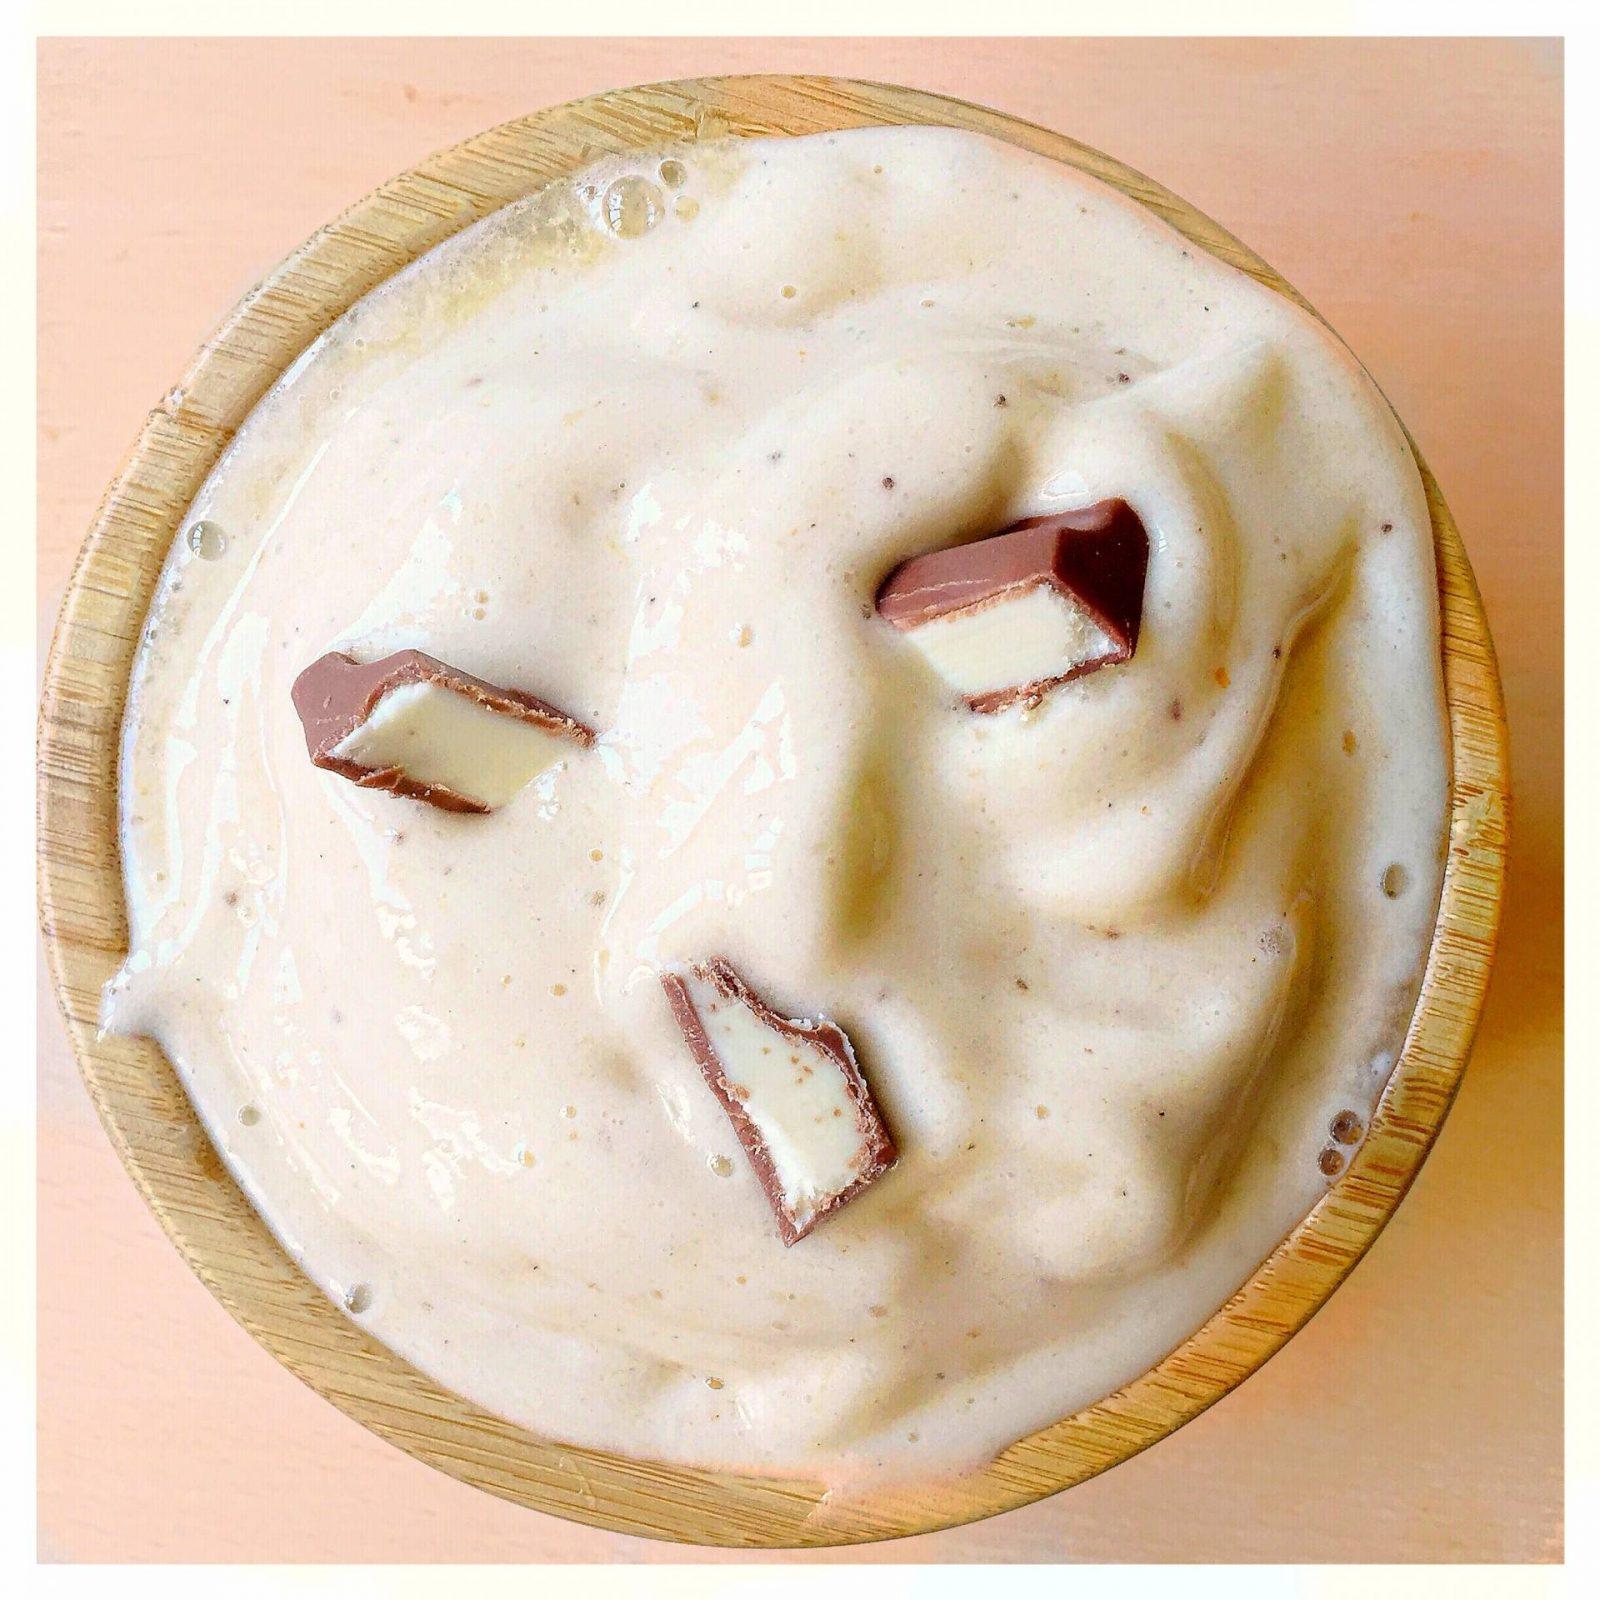 Kinder smoothie bowl